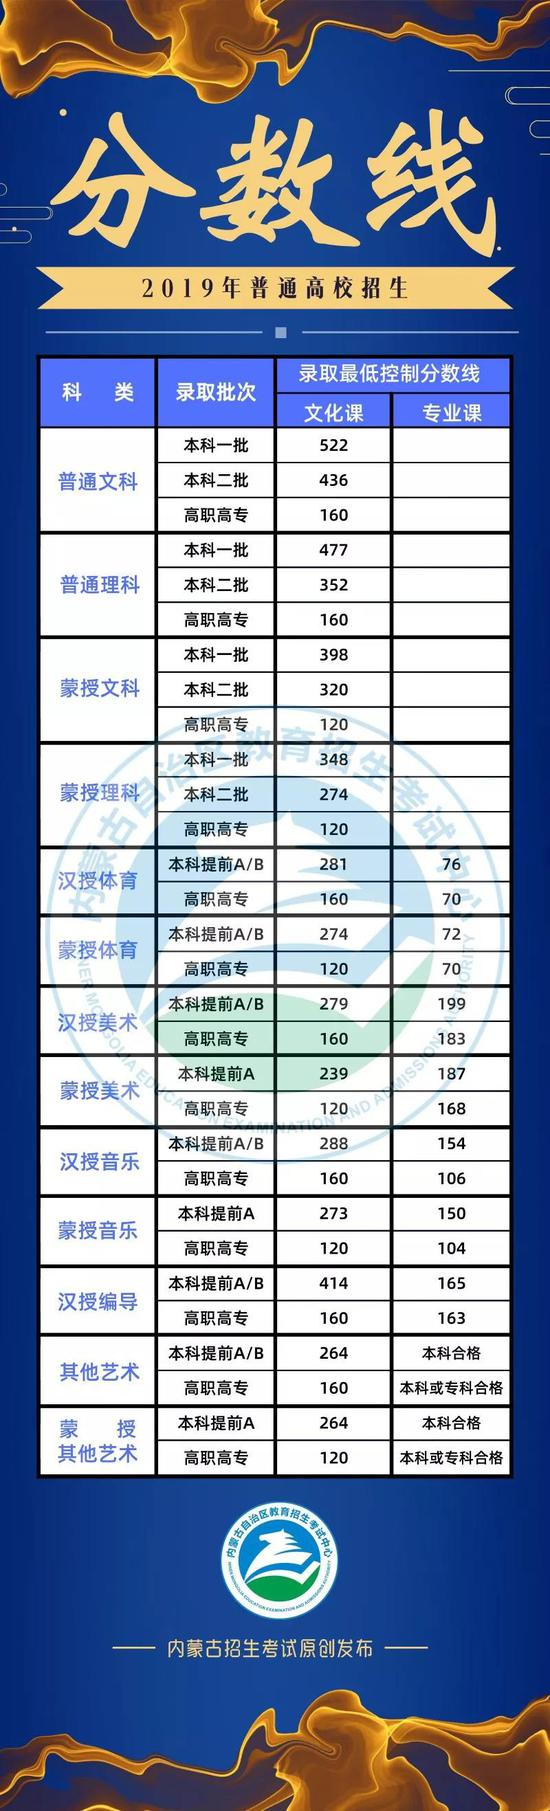 http://www.weixinrensheng.com/jiaoyu/356132.html